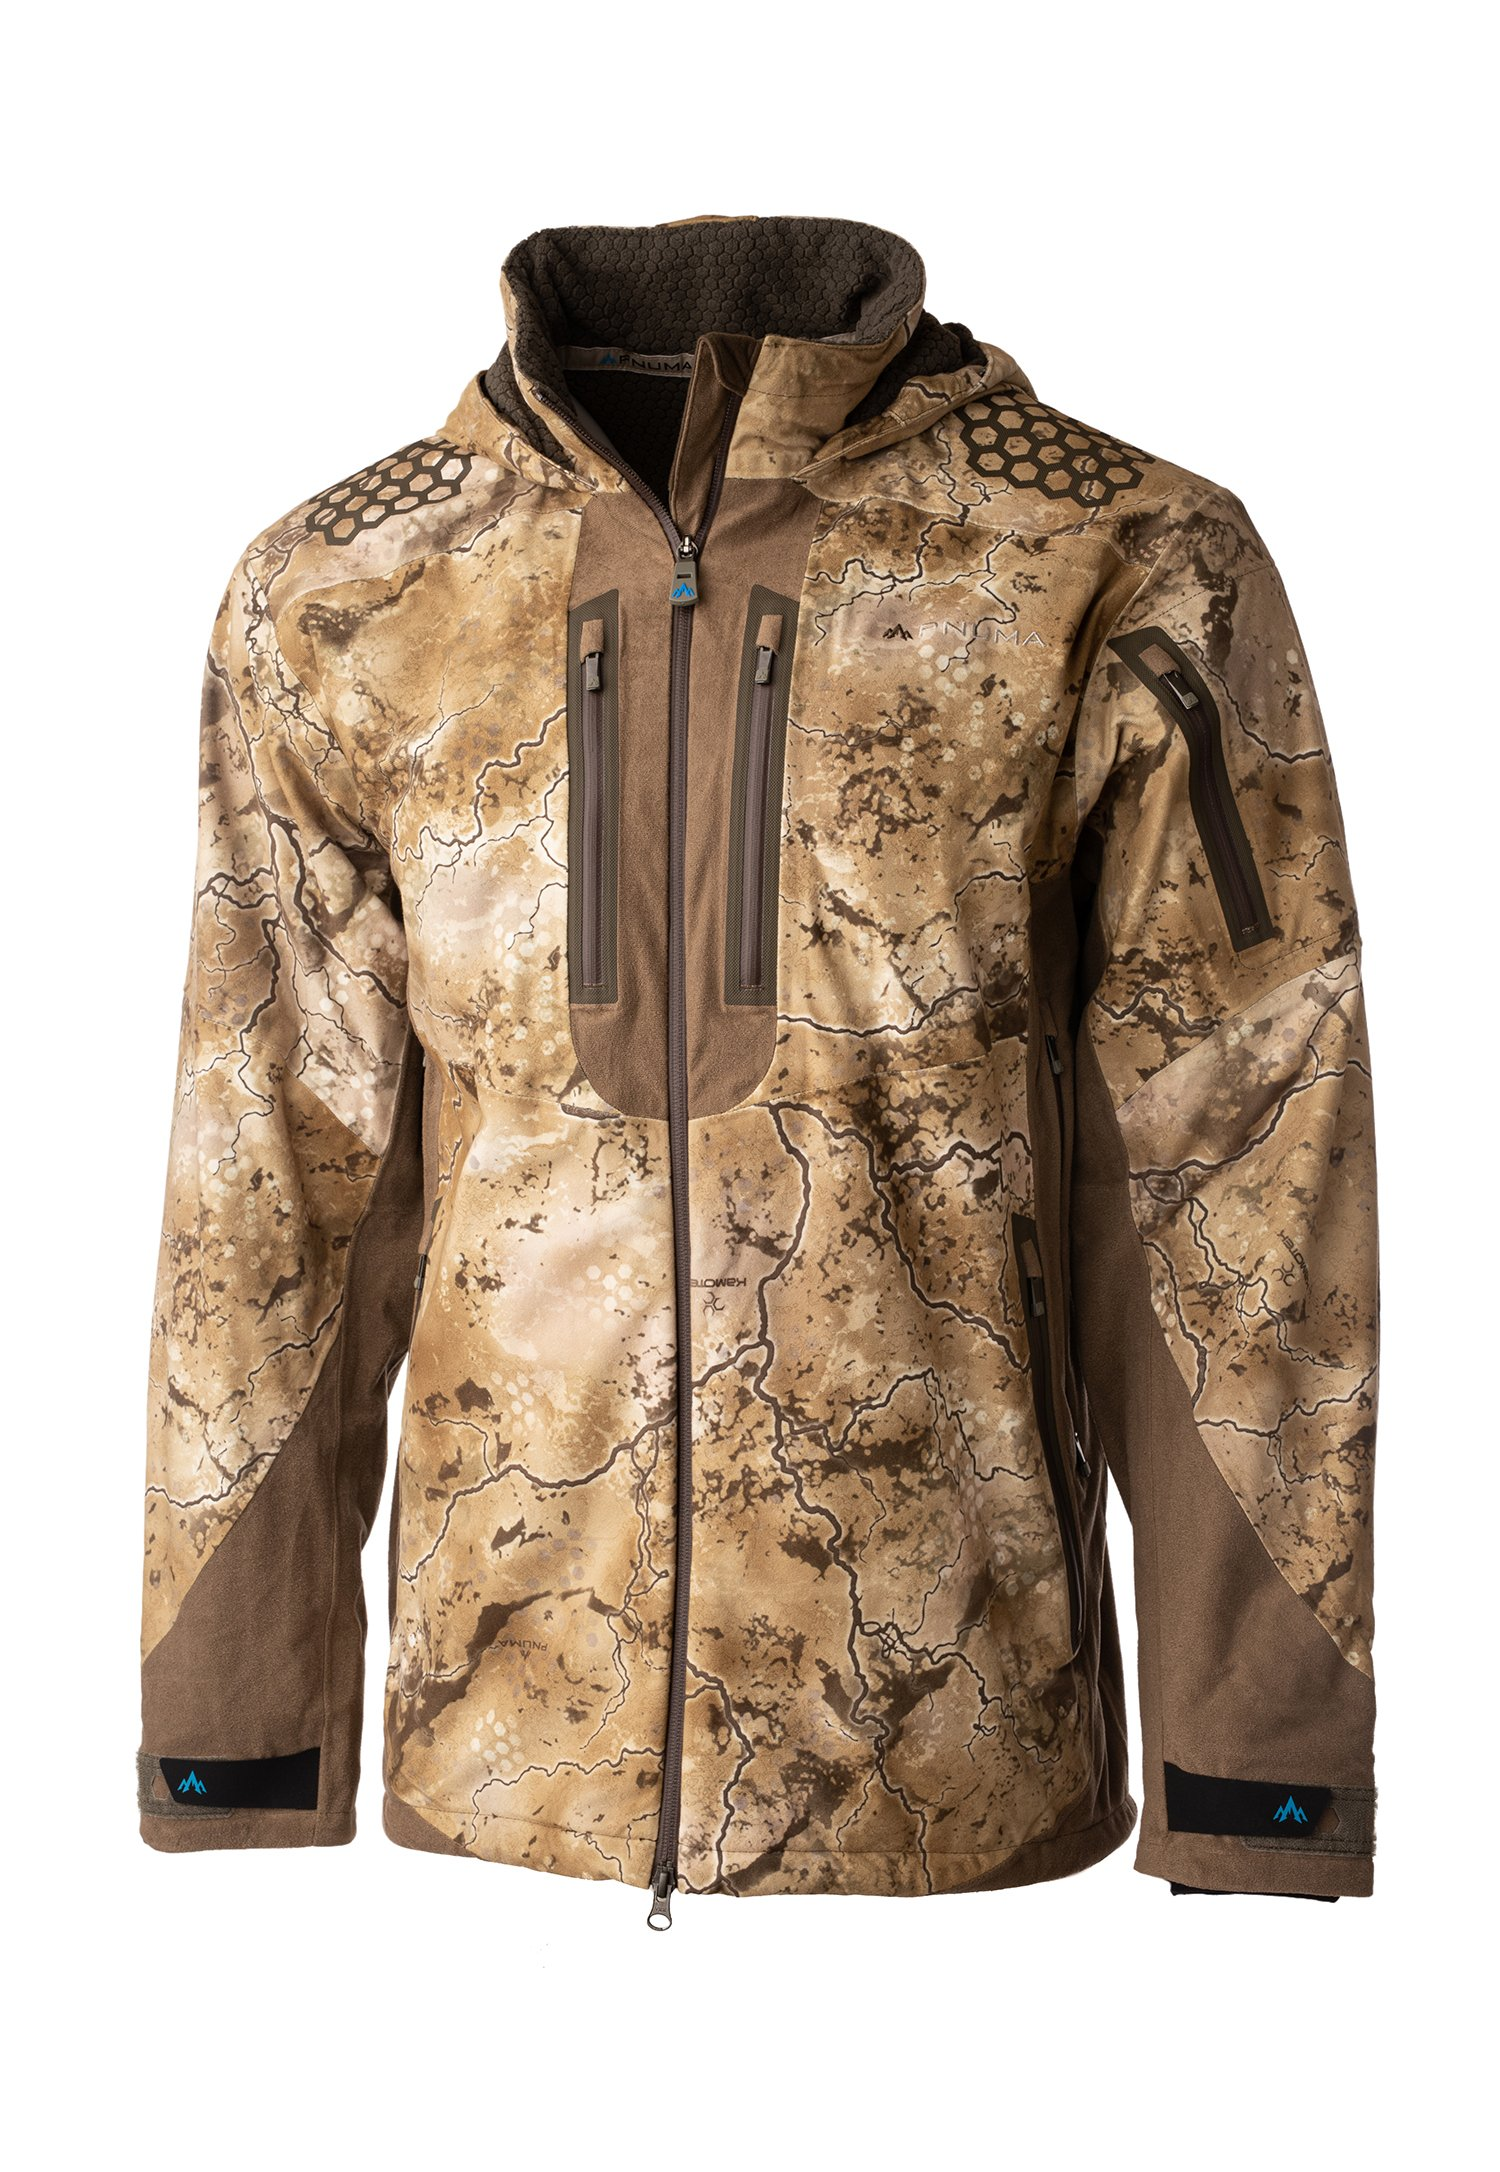 Selkirk Jacket